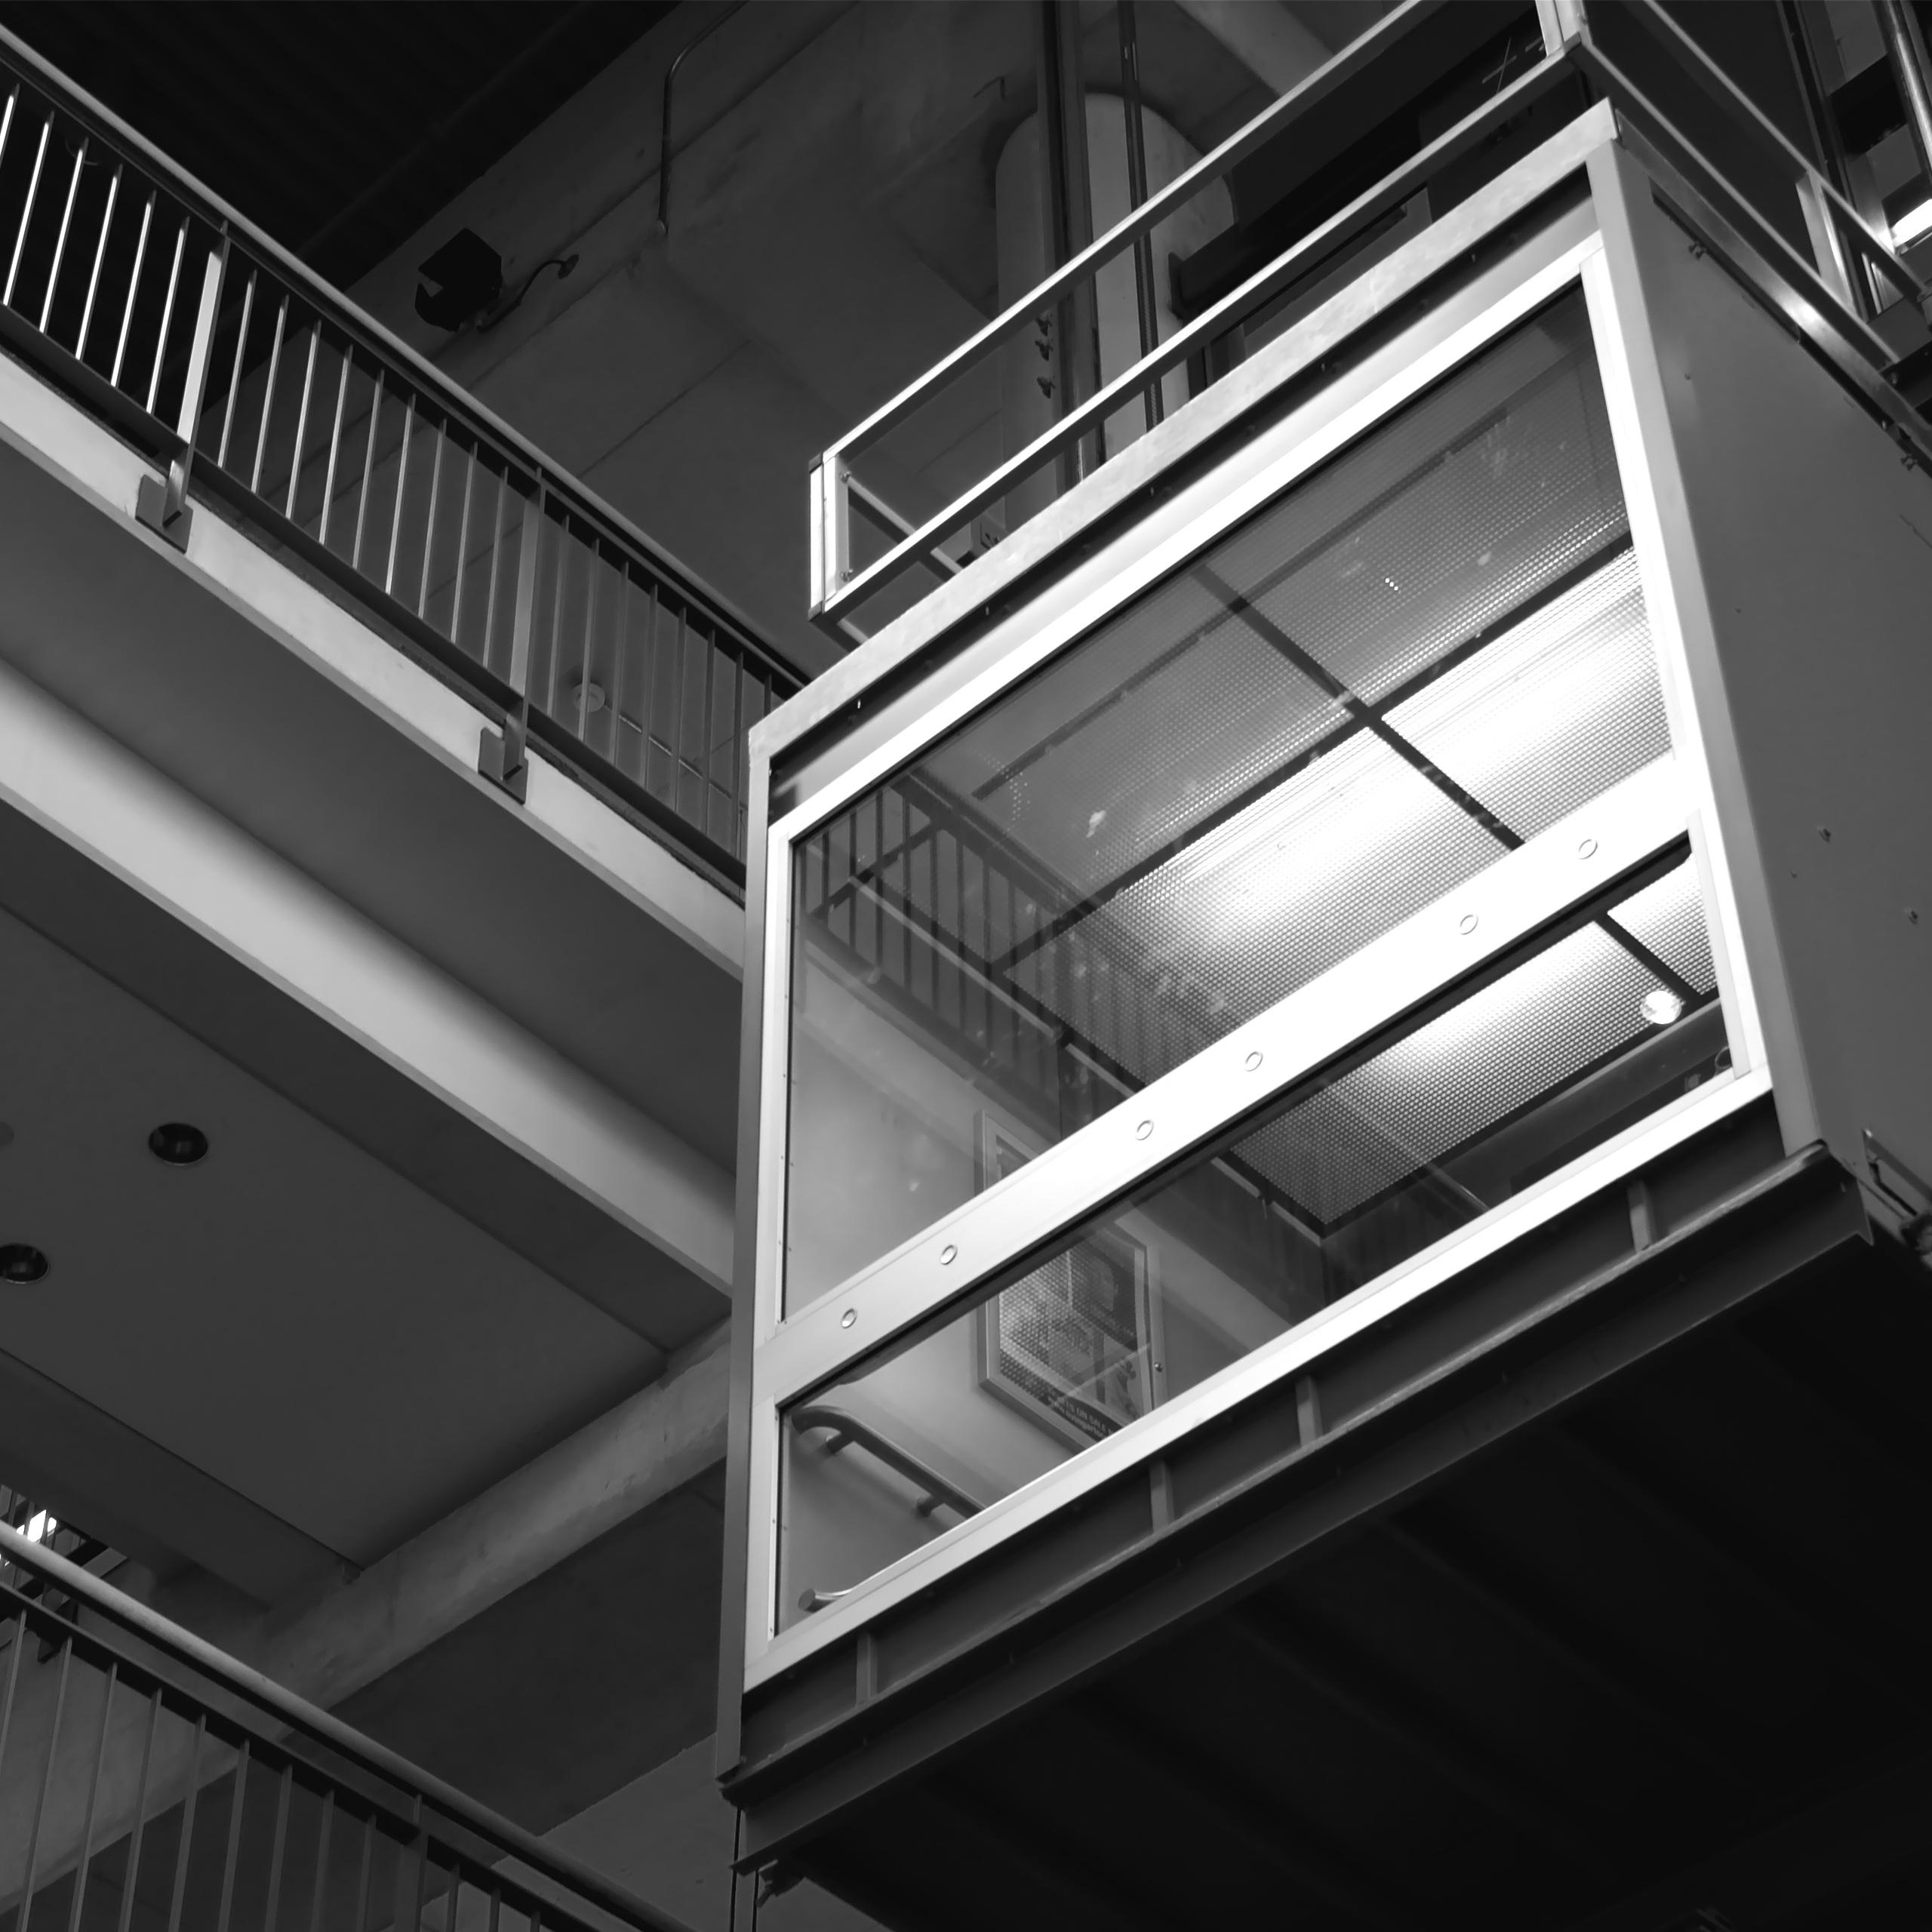 black and white lift modernisation